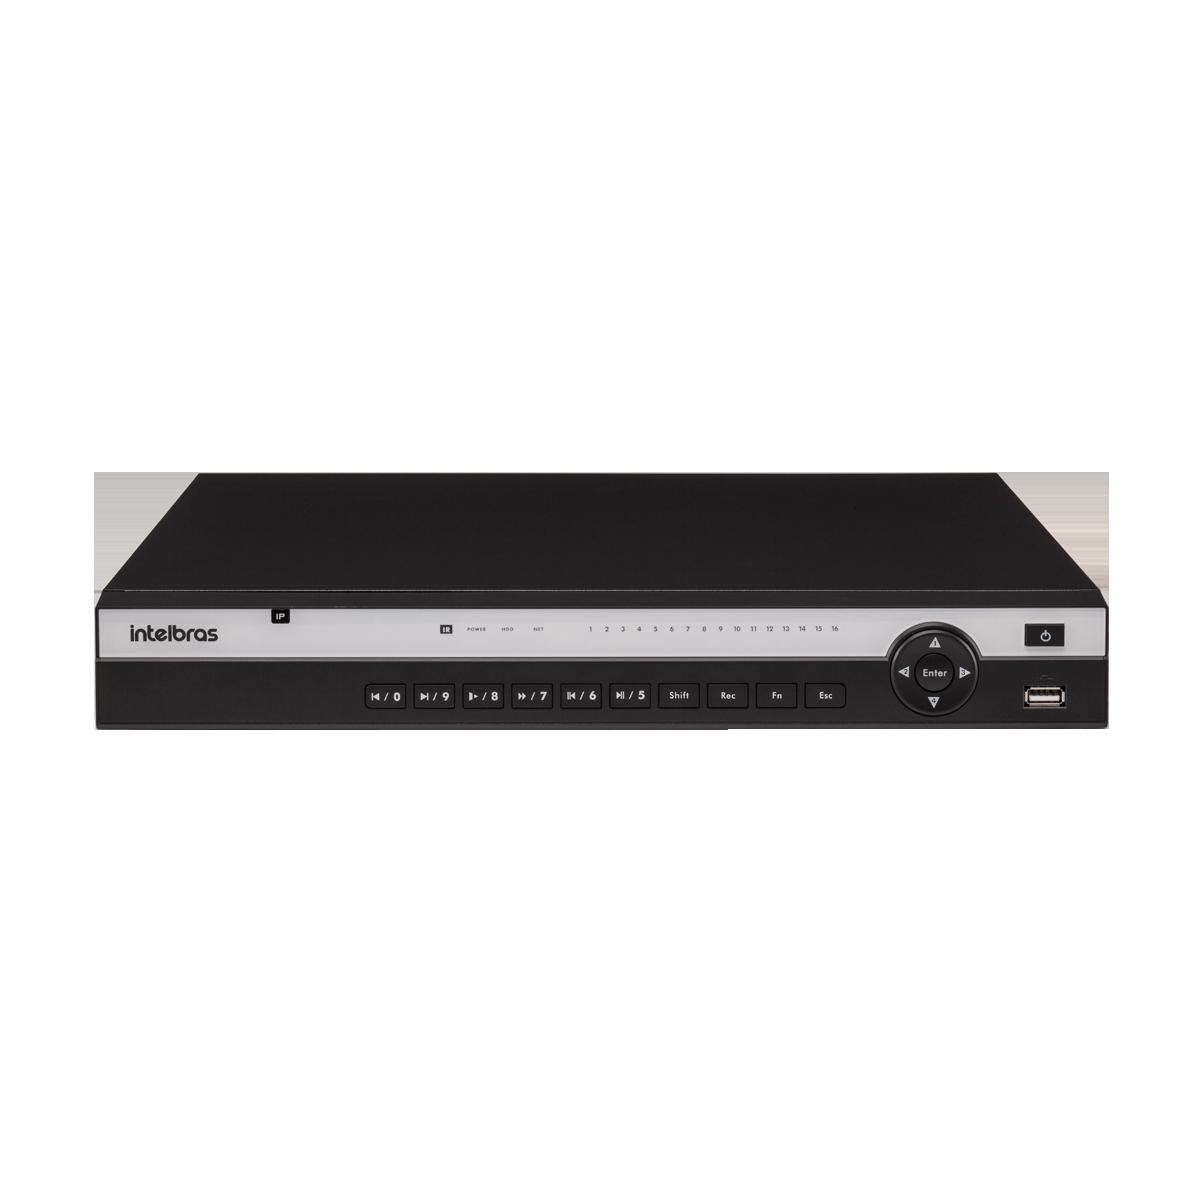 NVD 3116 P C/ HD 6TB - GRAV. DIG. DE VÍDEO EM REDE PARA ATÉ 16 CANAIS IP EM FULL HD @ 30 FPS, COM 16 PORTAS POE, INTELIGÊNCIA DE VÍDEO EM TODOS OS CANAIS, H.265, SUPORTE PARA 2HDS E SUPORTA CÂMERAS CO  - Sandercomp Virtual